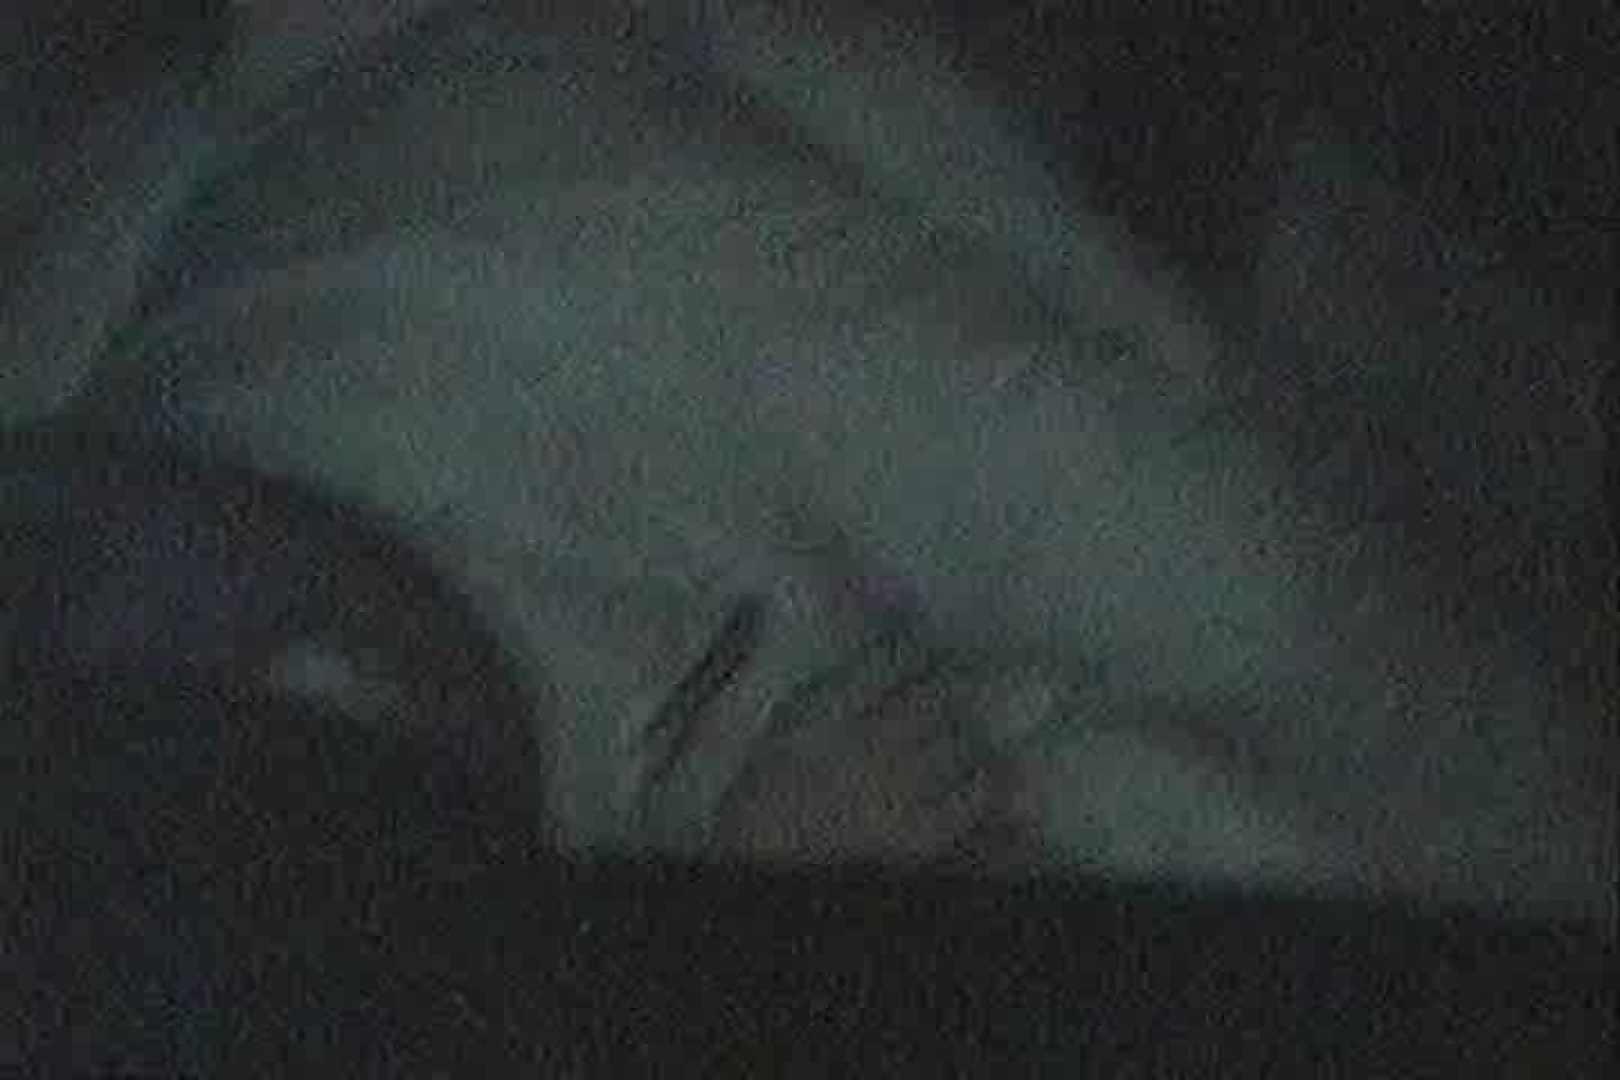 「充血監督」さんの深夜の運動会!! vol.123 OL | カップルのセックス  45連発